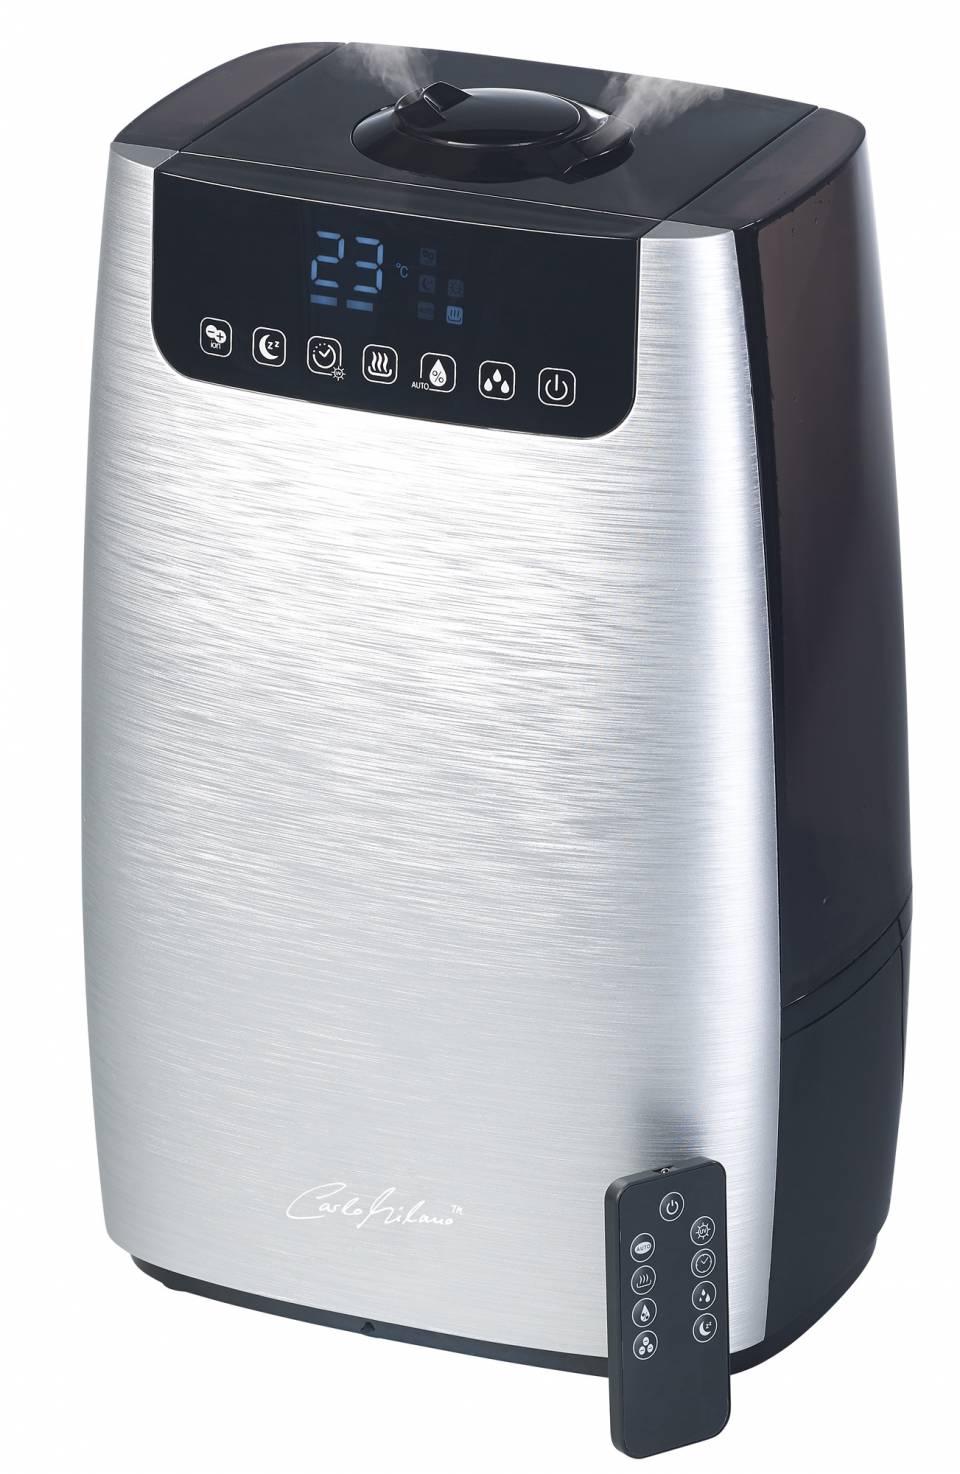 Pearl Luftbefeuchter Carlo Milano LBF-600 ist Luftbefeuchter und –reiniger in einem Gerät.